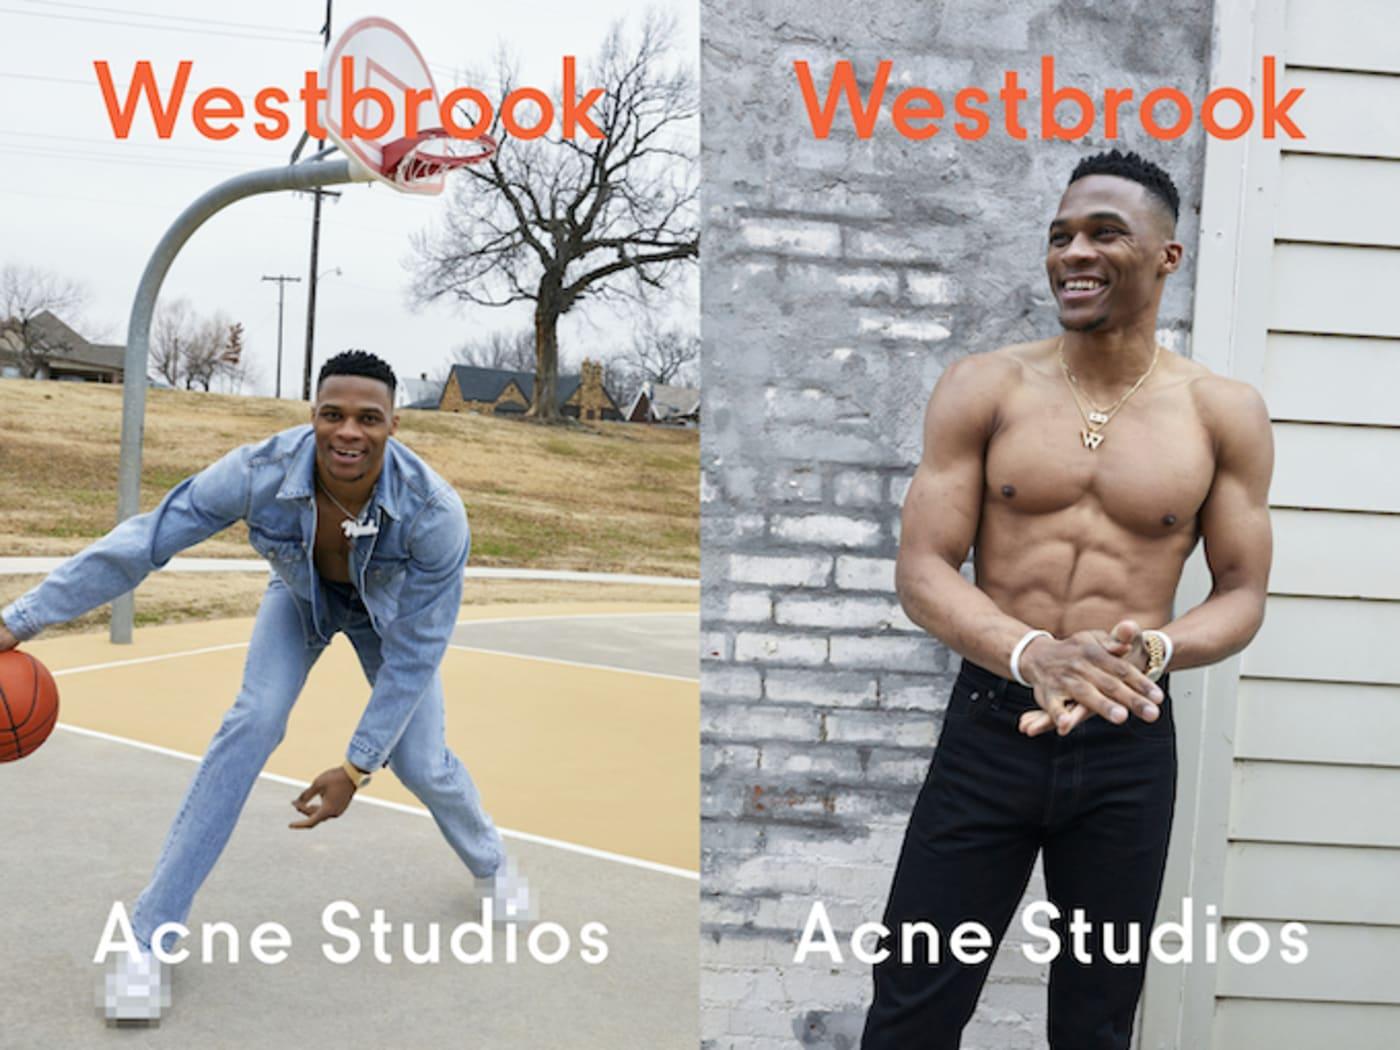 acnestudios westbrook